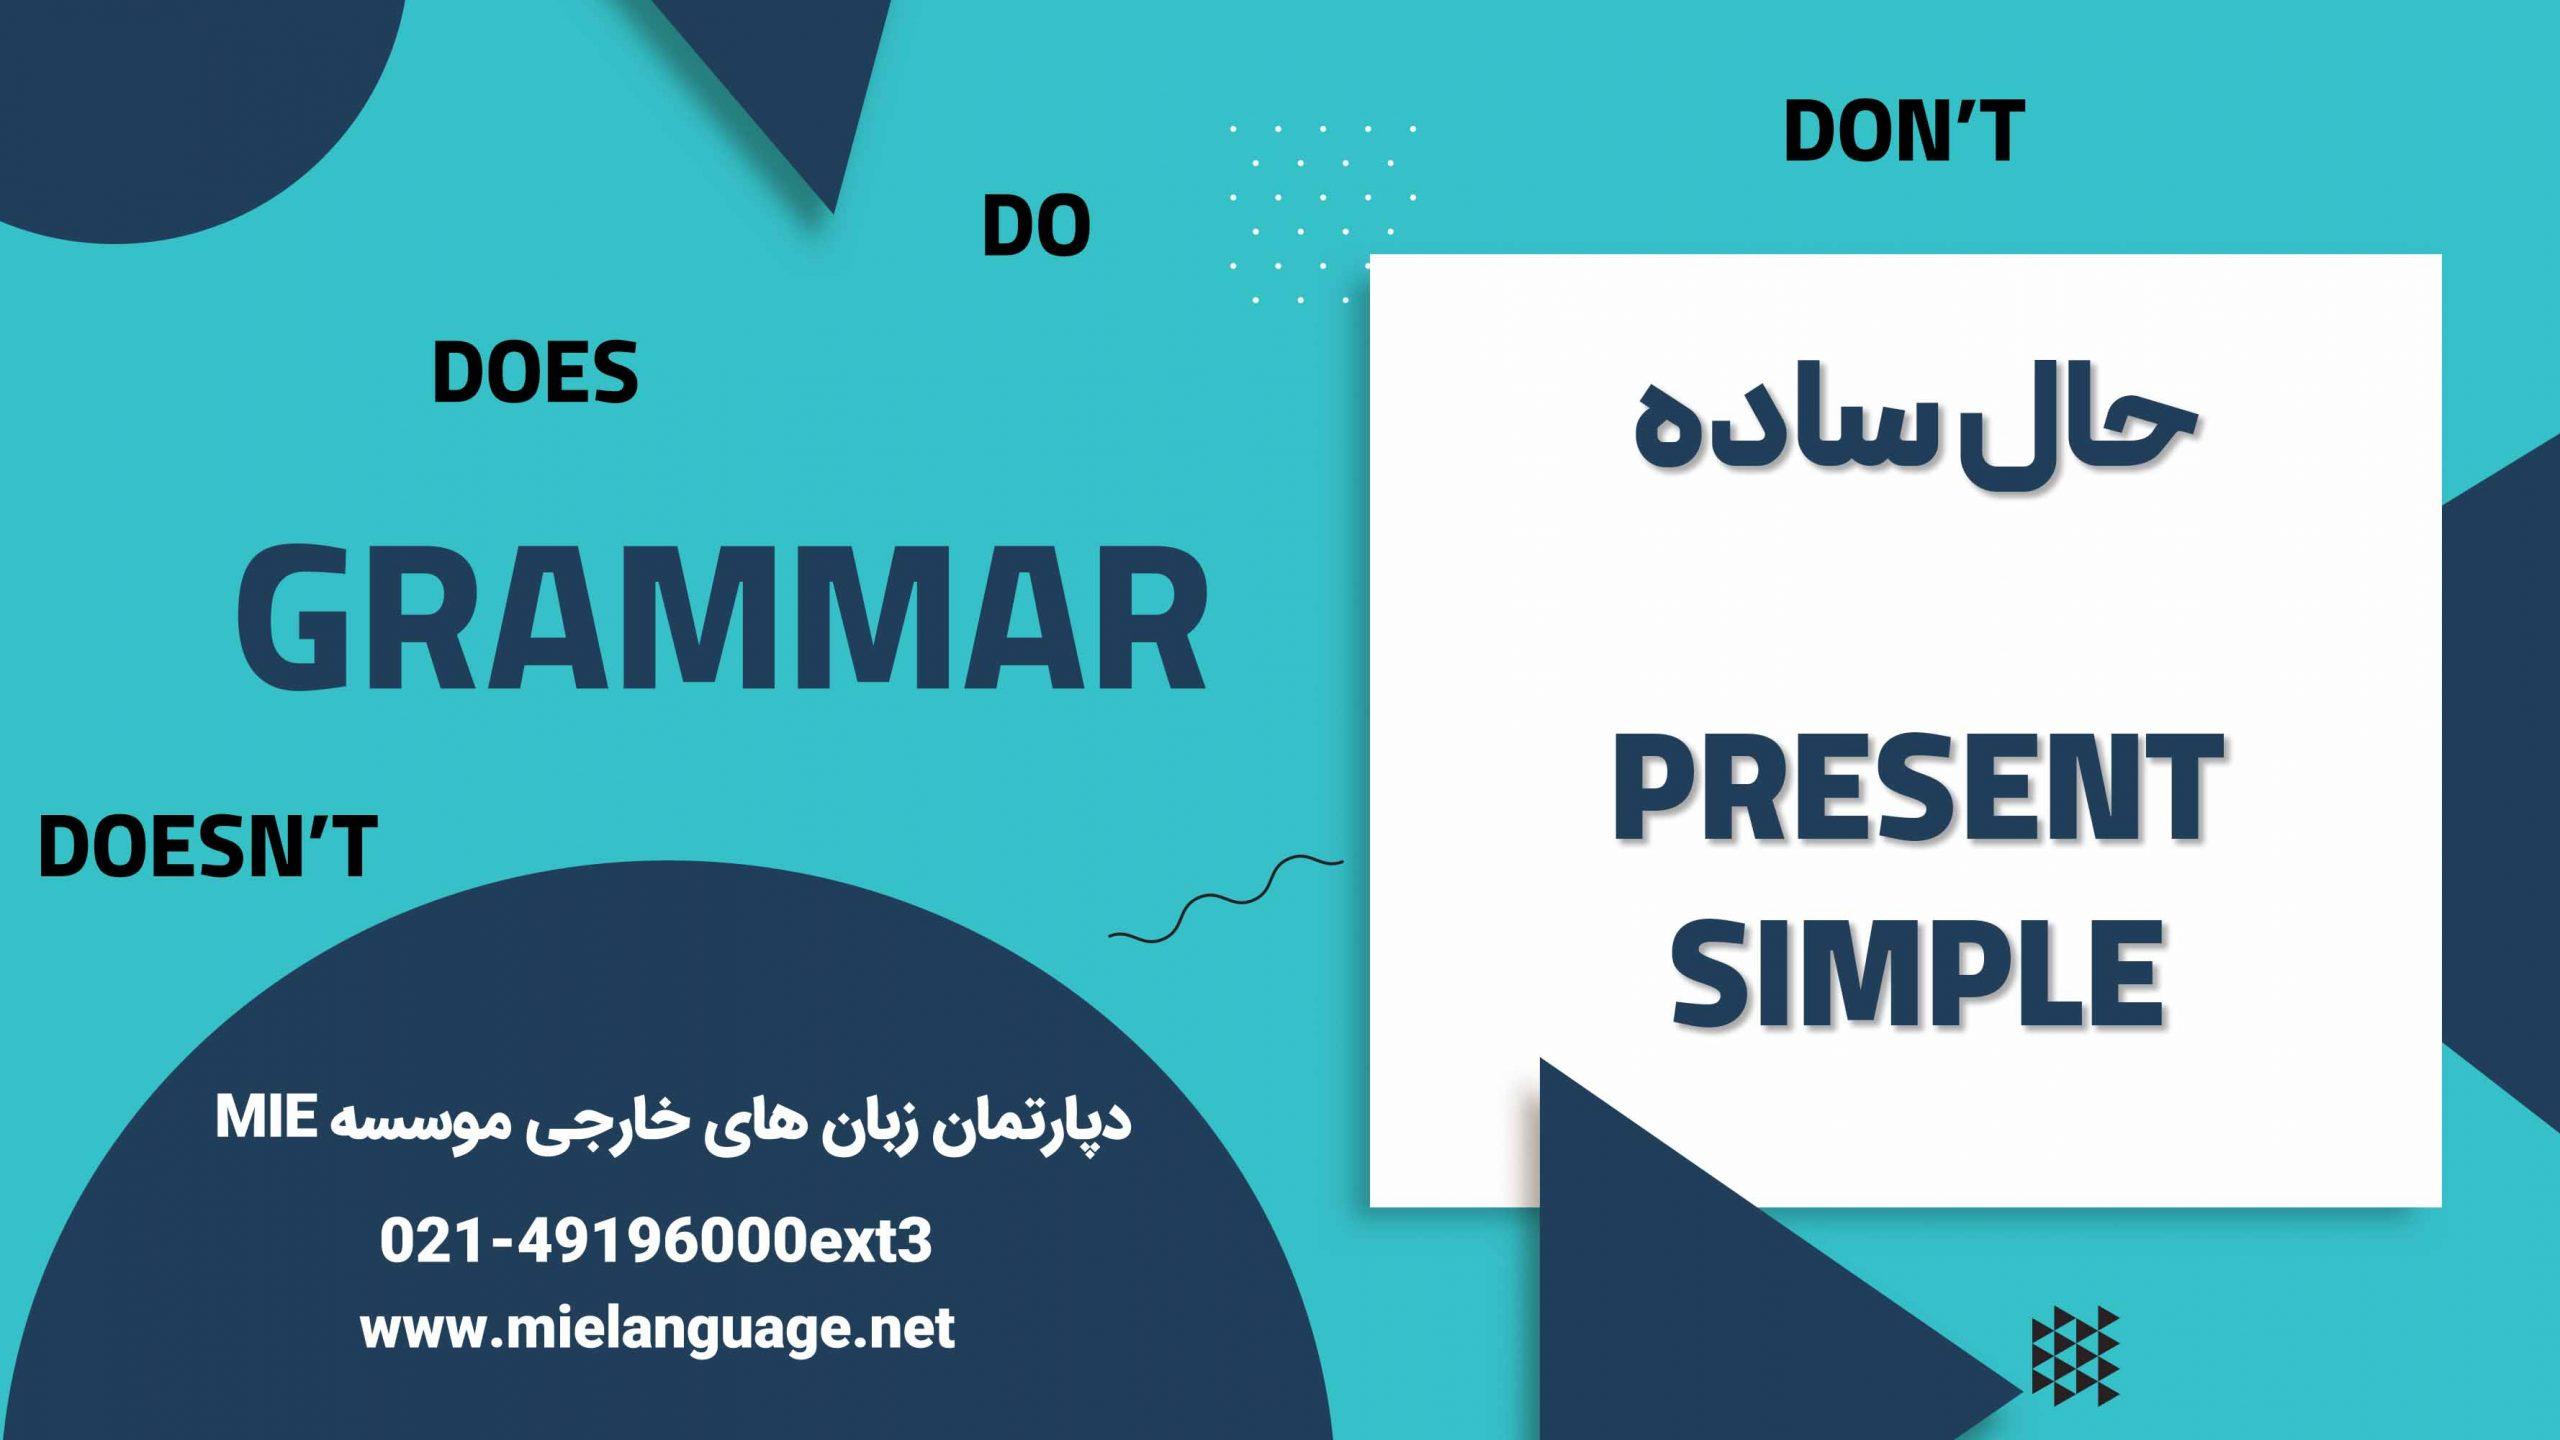 ساده ترین روش یادگیری حال ساده ( PRESENT SIMPLE )